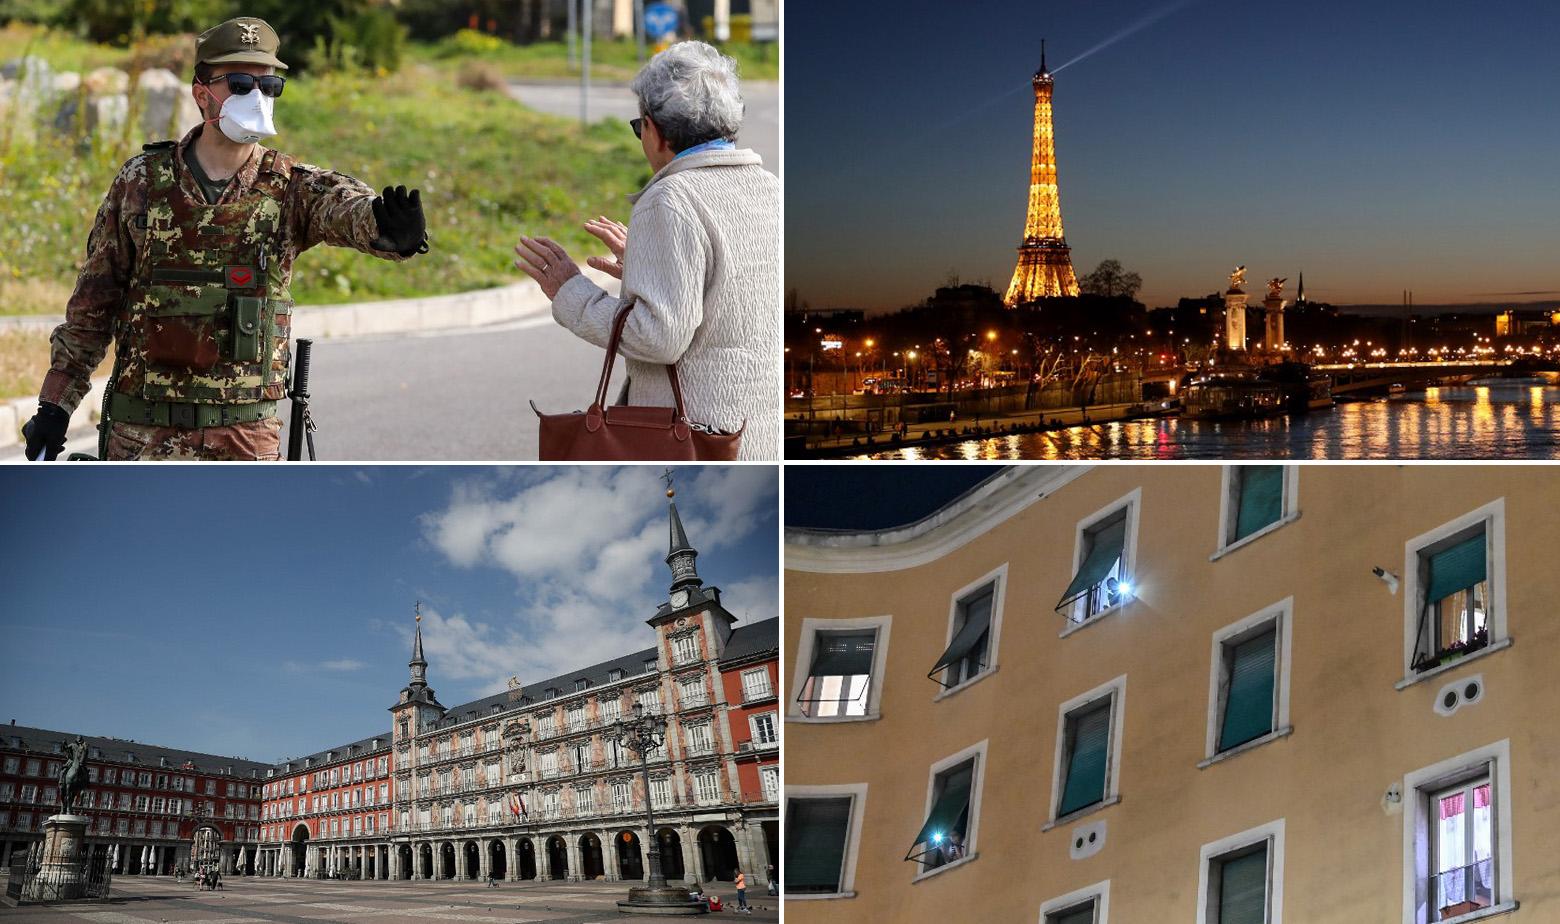 Prizori diljem Europe tijekom karanetna